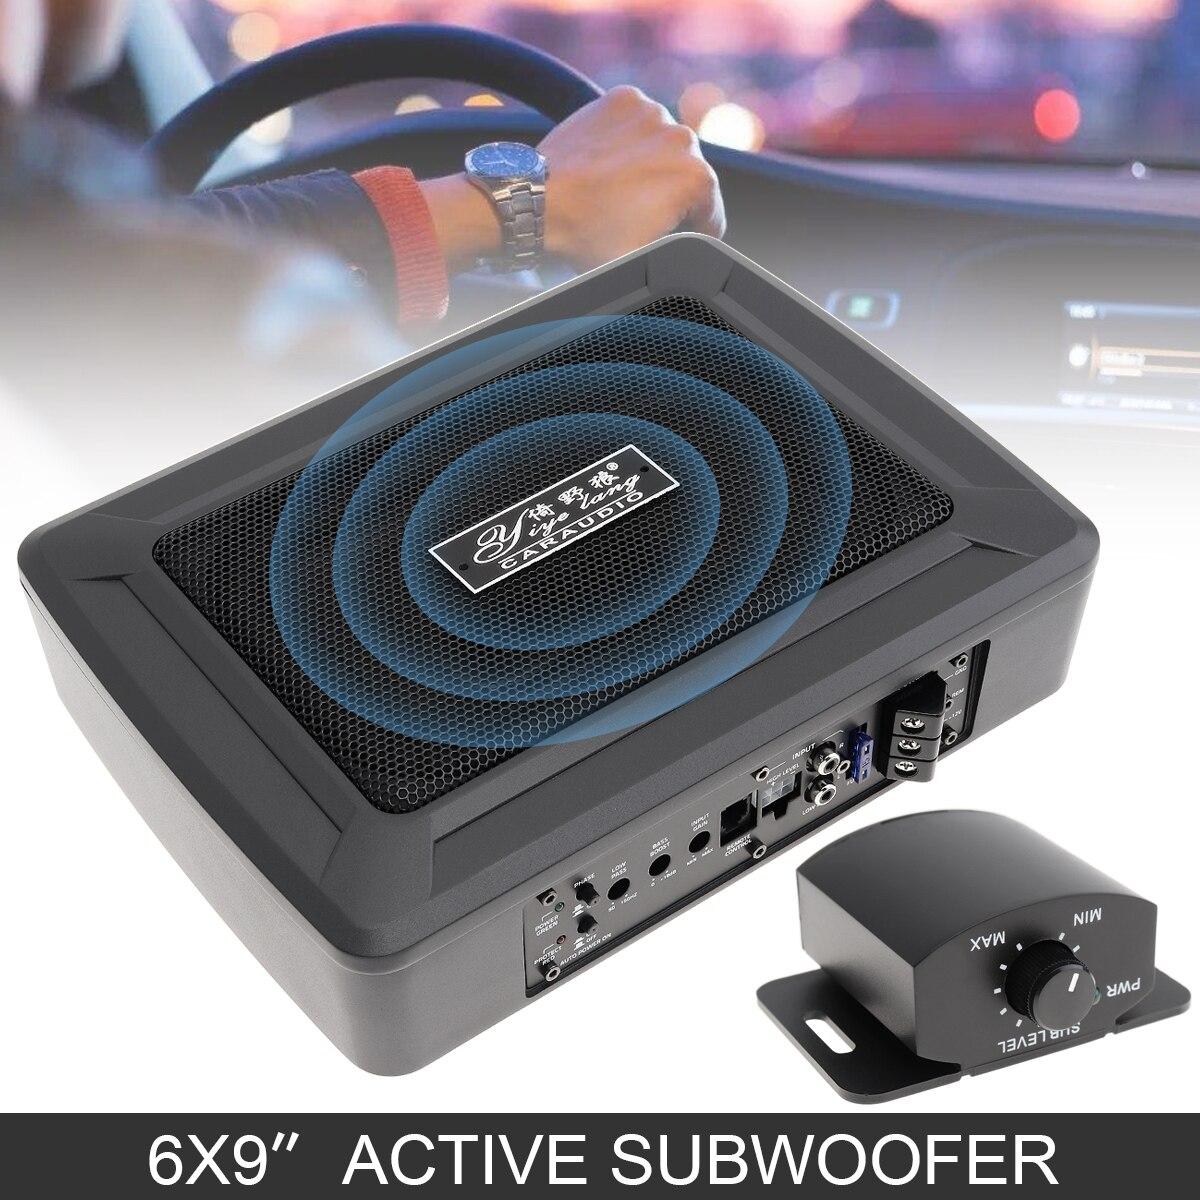 Subwoofer samochodowy 6X9 Cal 600W Slim pod siedzeniem zasilany samochód Audio aktywny subwoofer Bass głośnik wzmacniacz głośnik do samochodu